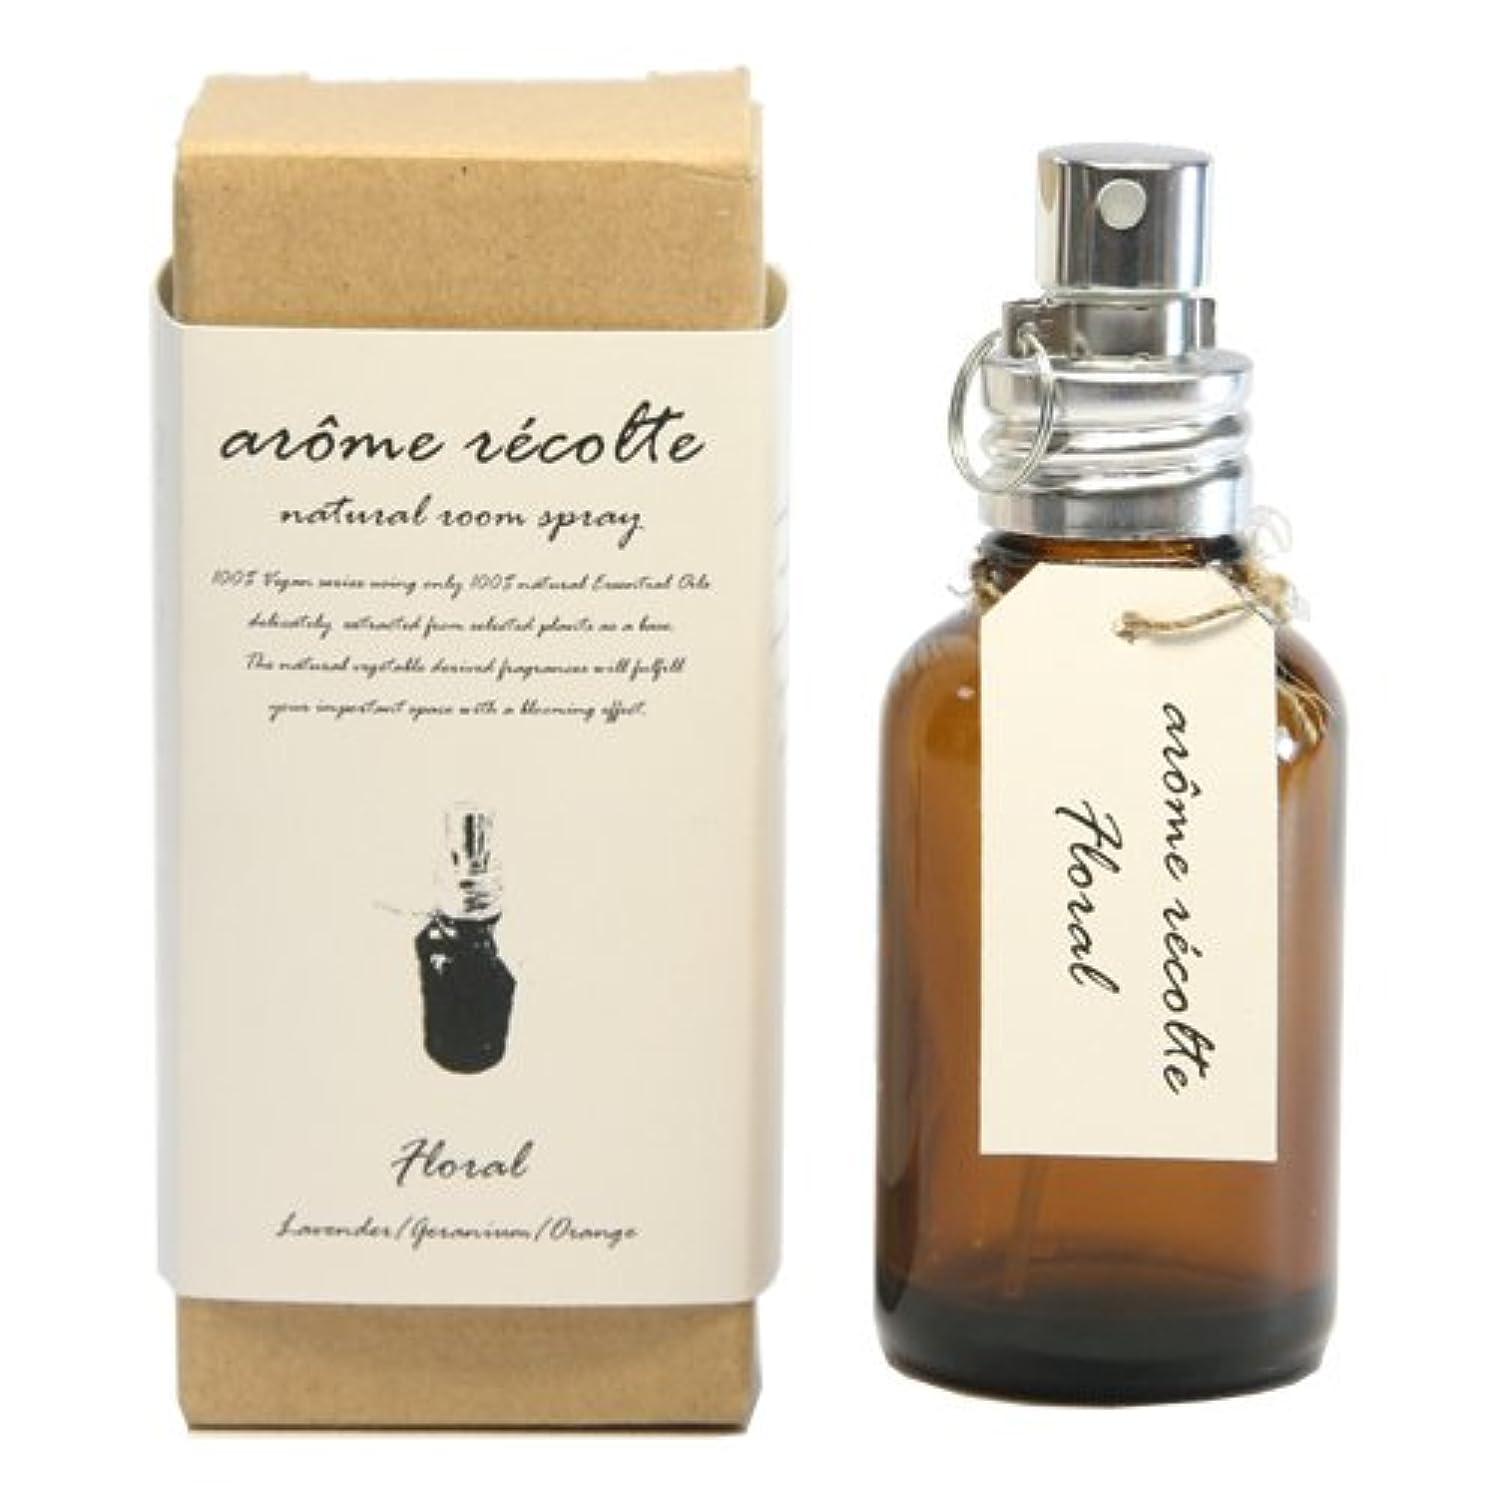 略す資料セクタアロマレコルト ナチュラルルームスプレー  フローラル【Floral】 arome rcolte